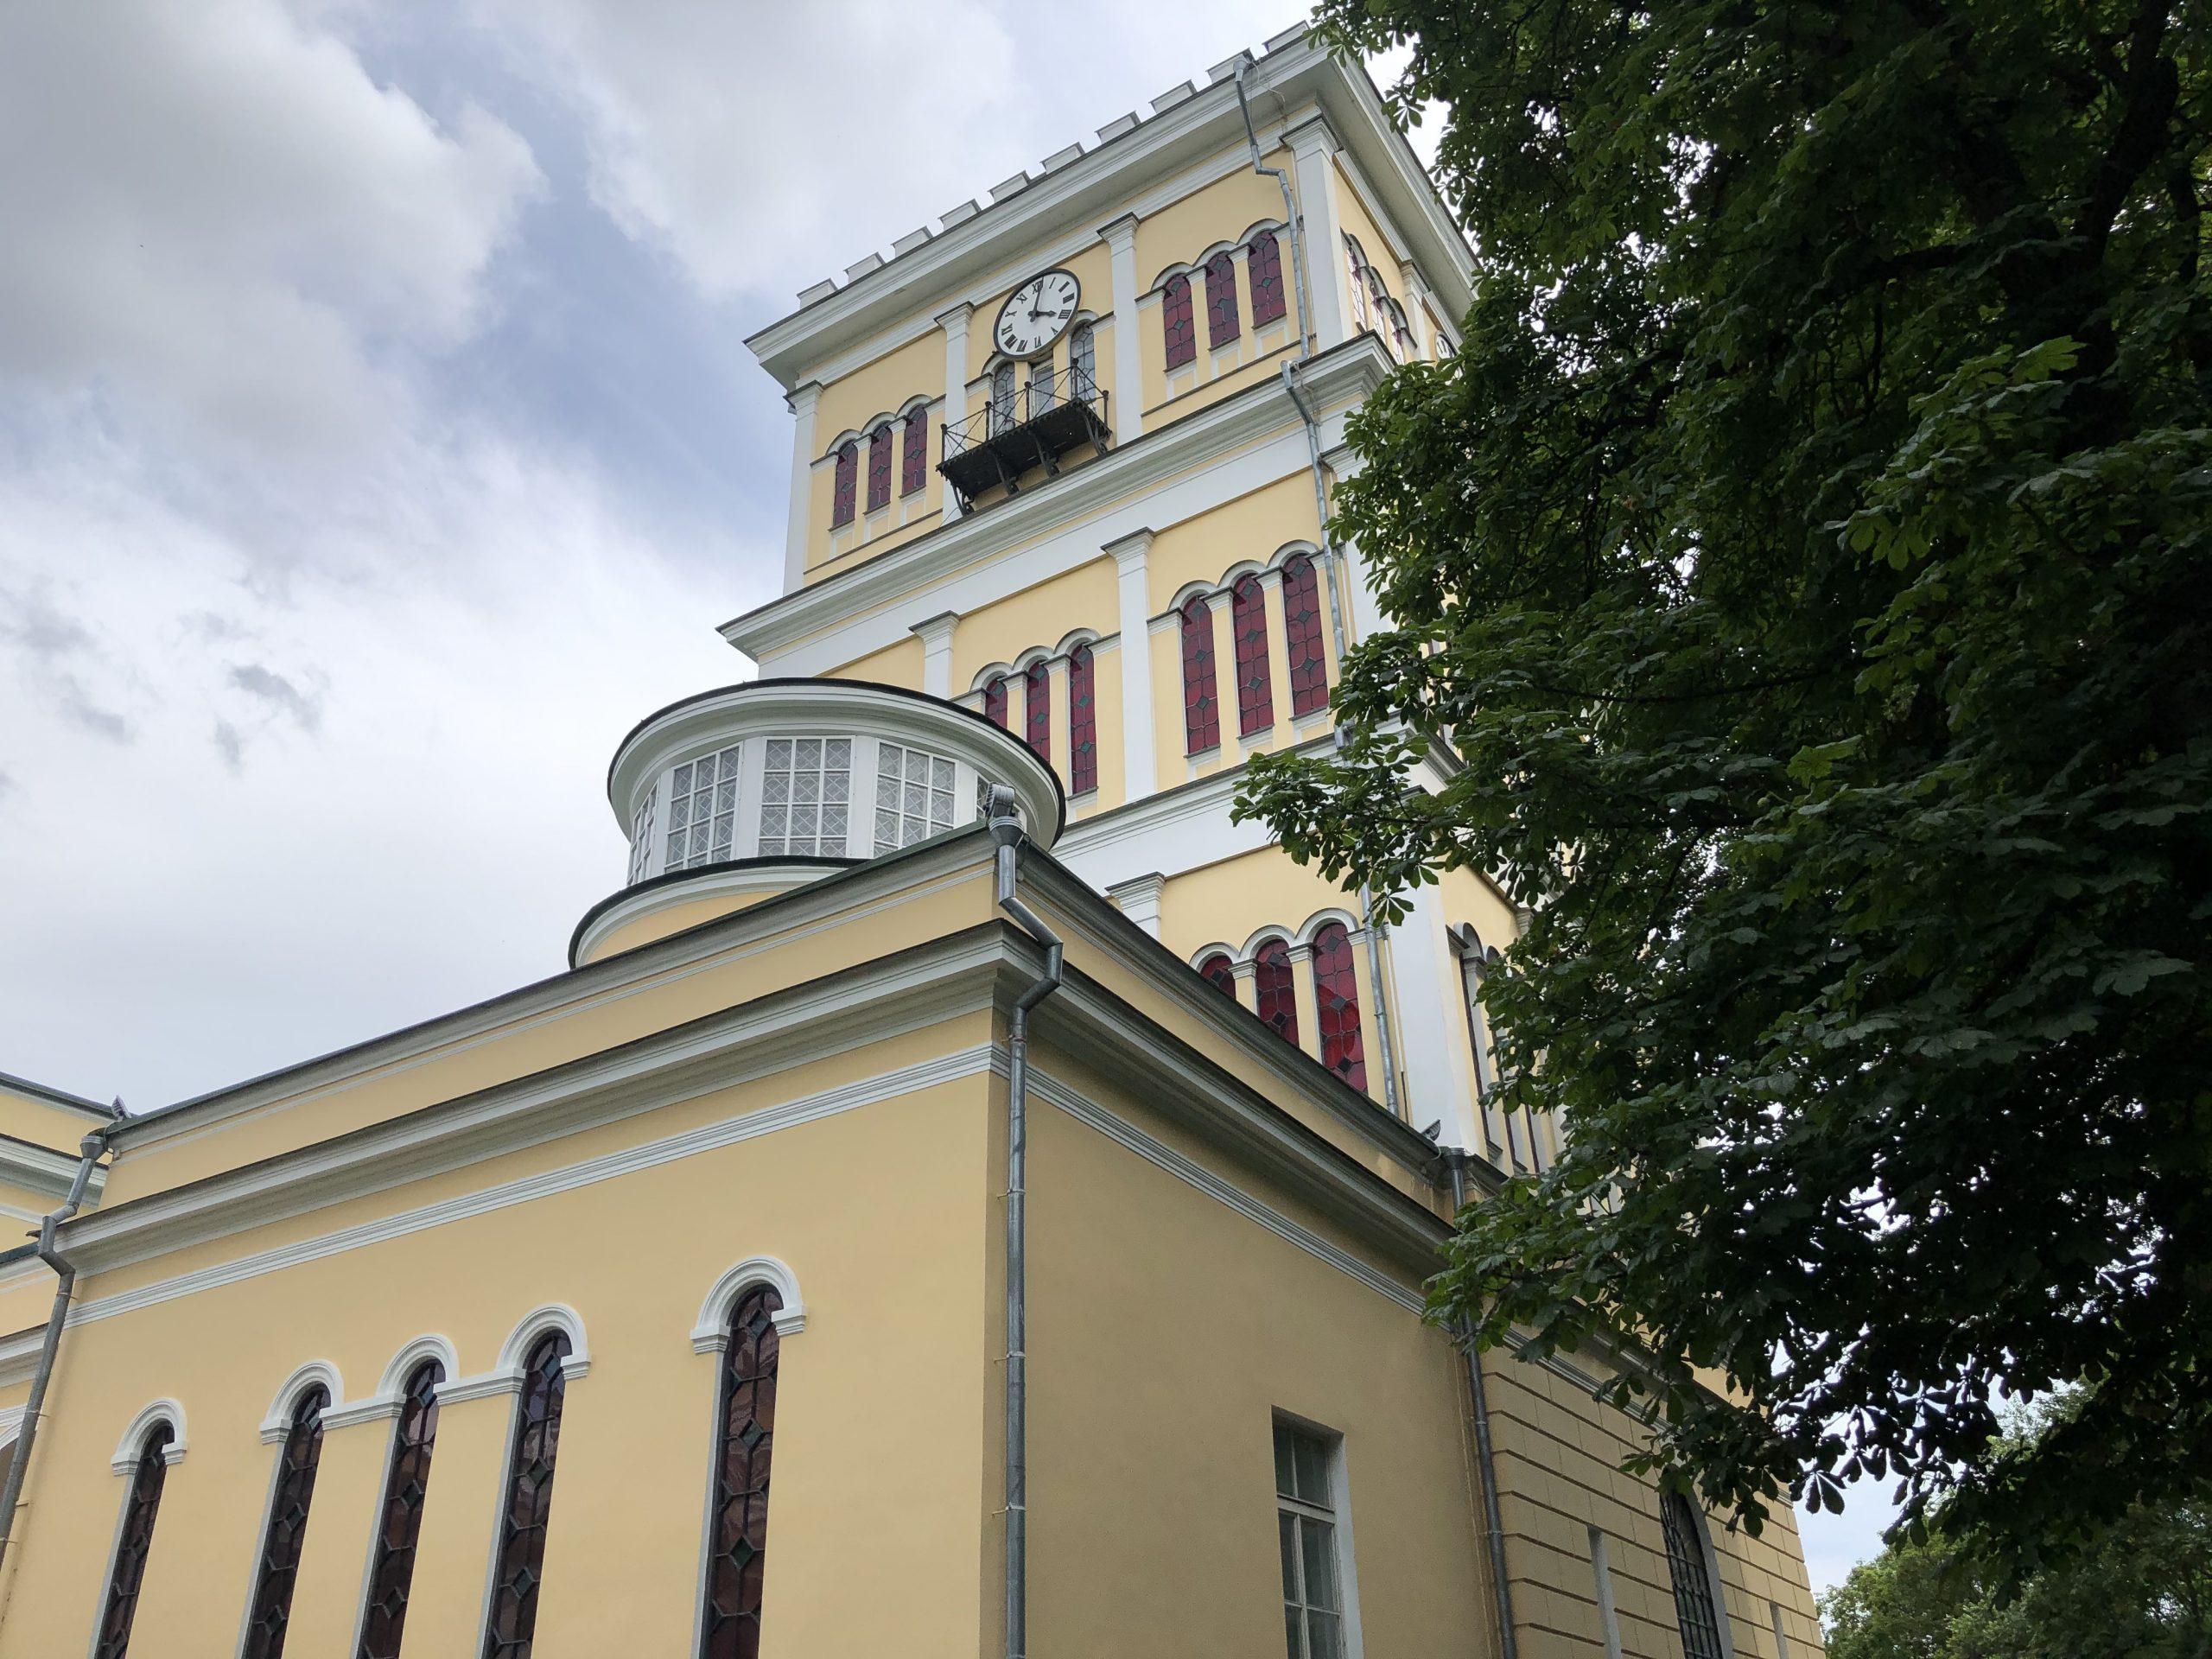 Гомельский парк: от 18 века до наших дней 19